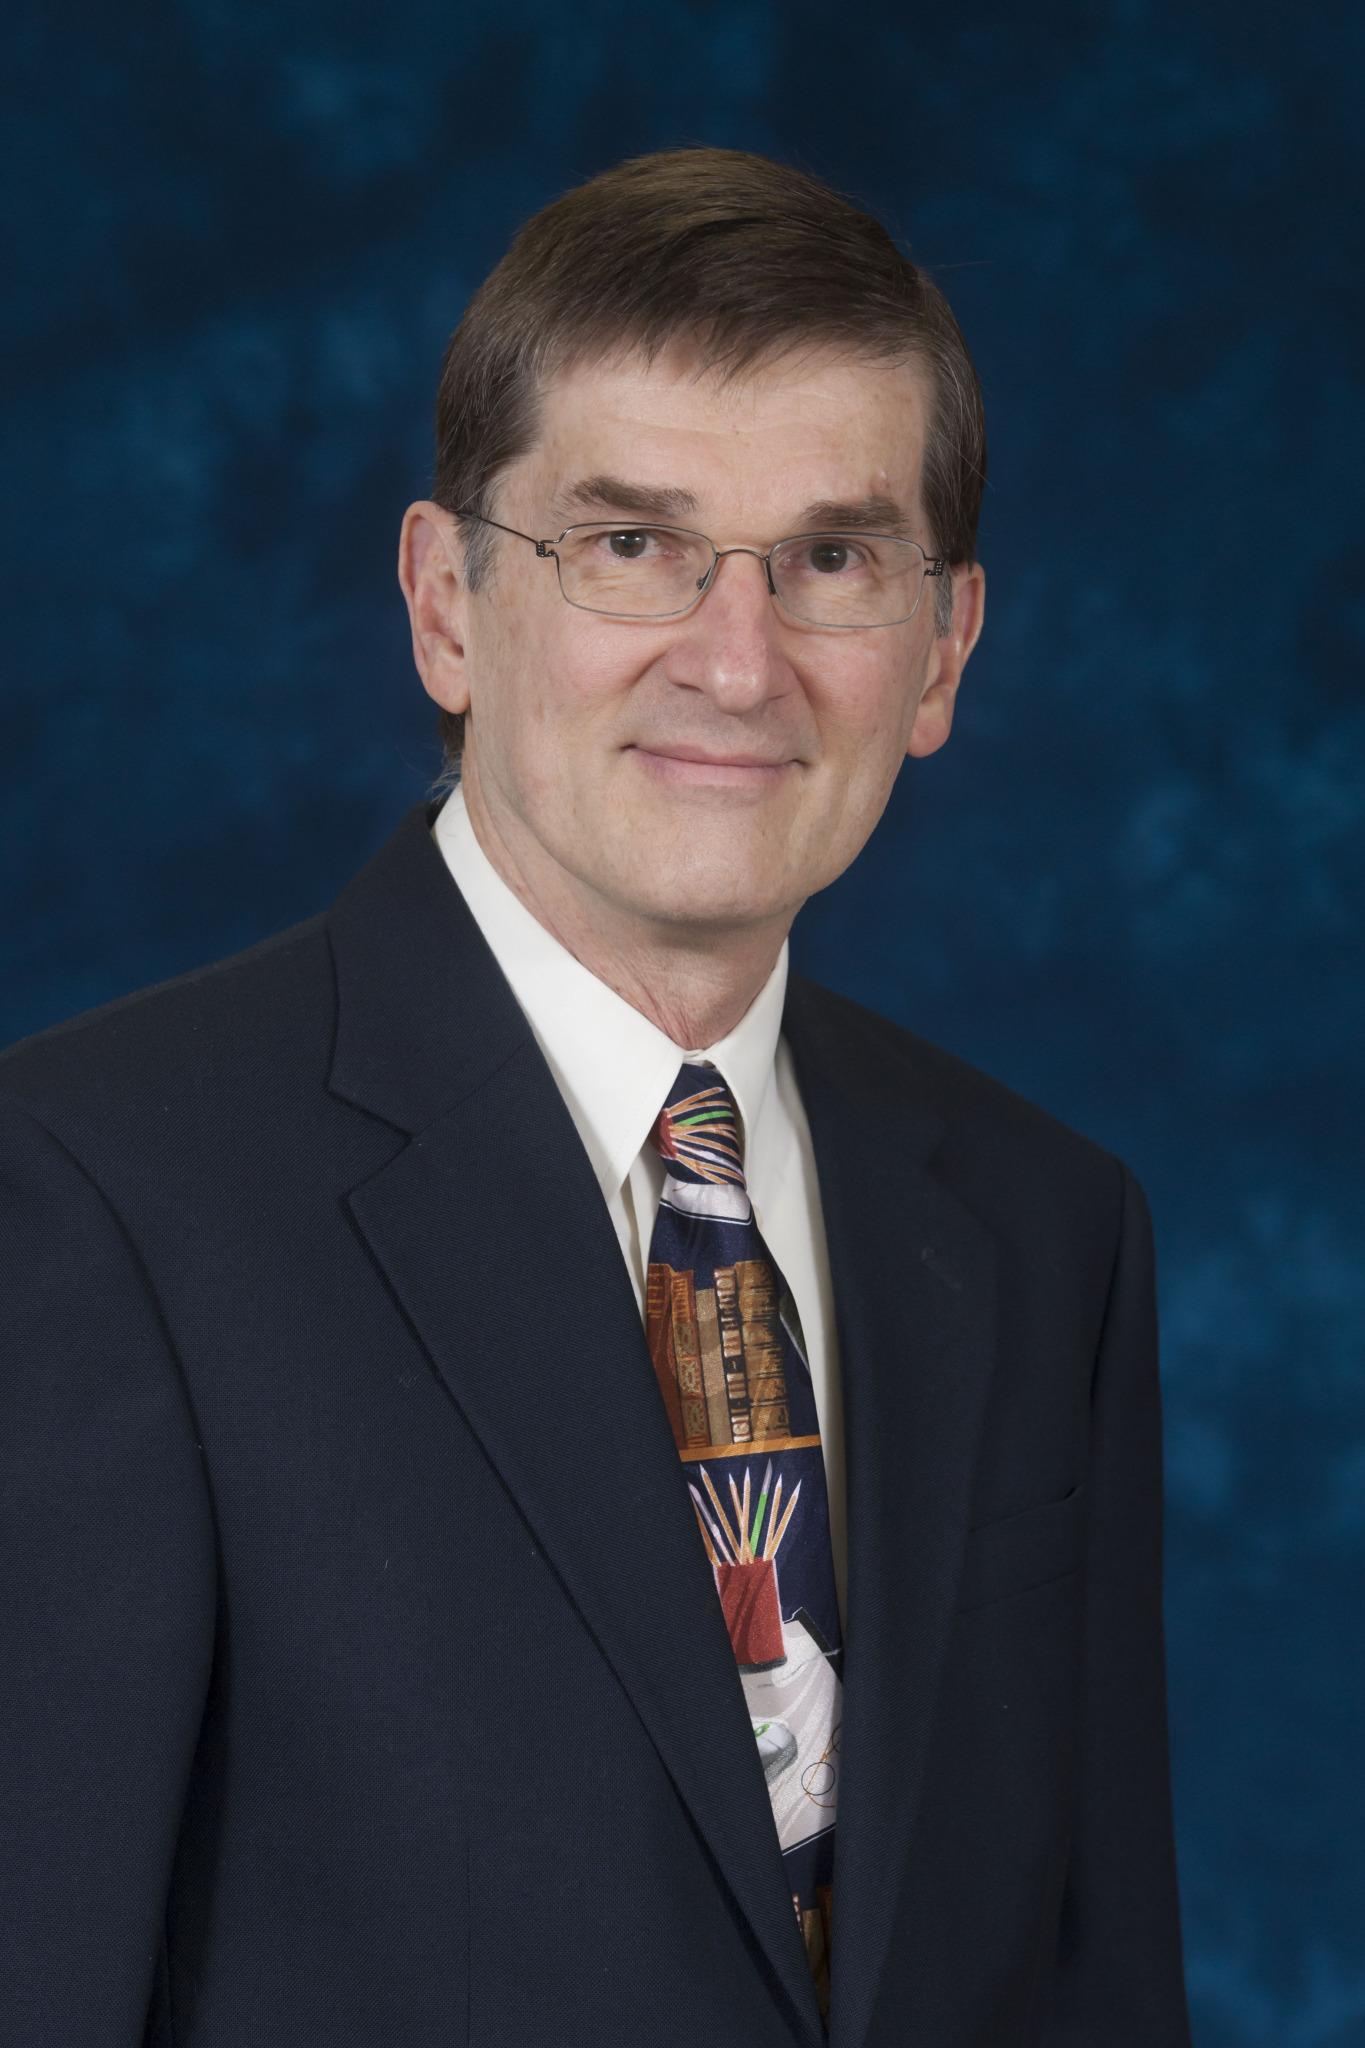 David Goss, OD, PhD